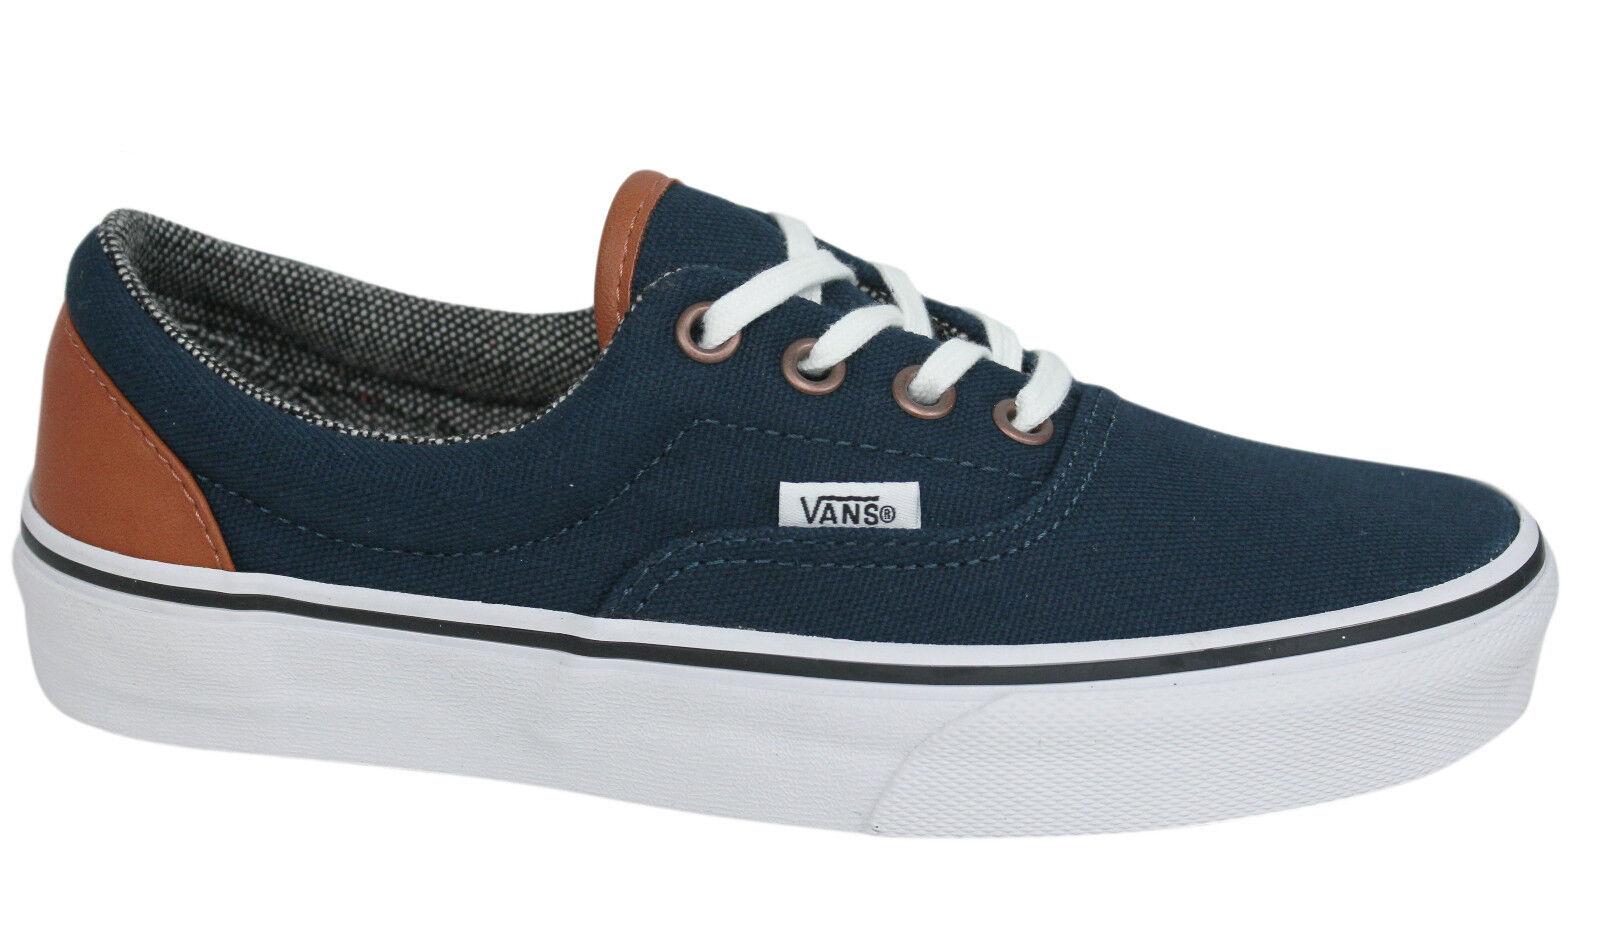 Vans OTW Era Colores 2 Colores Era Azul Unisex Marrón Informal Con Cordones a11573